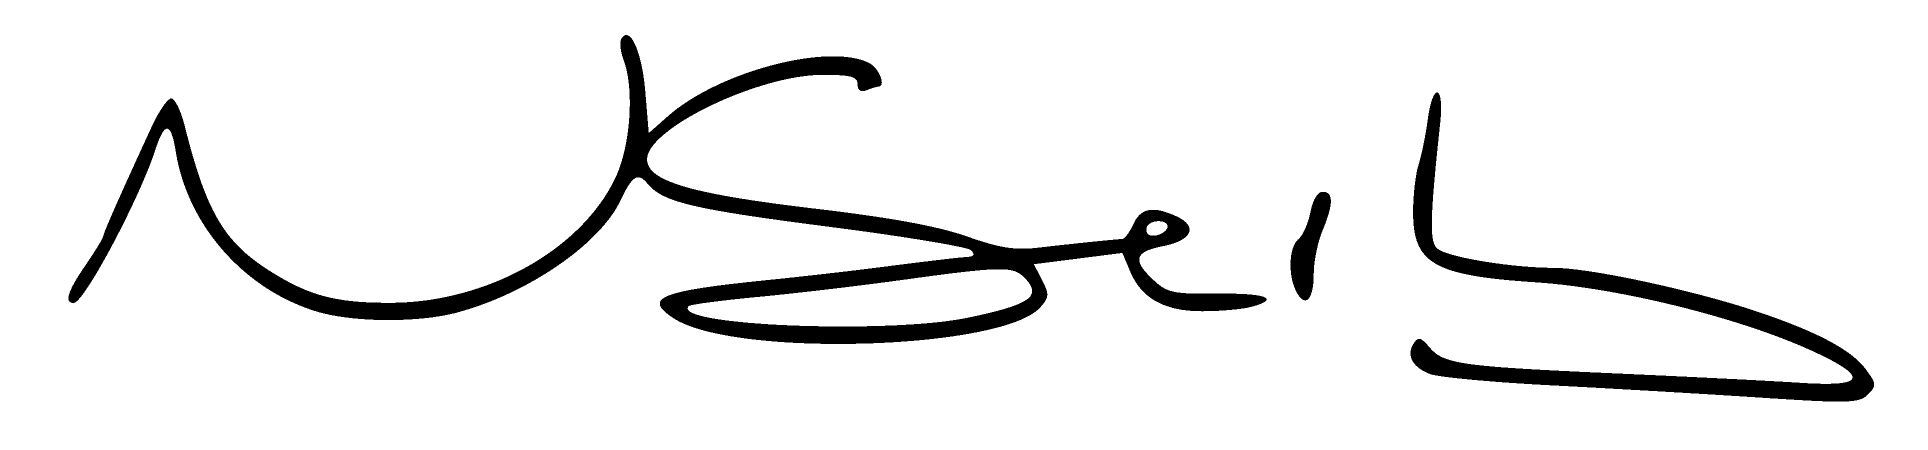 ae3d3c09-d0fd-4170-bb2c-f8fd0f6fd517.png